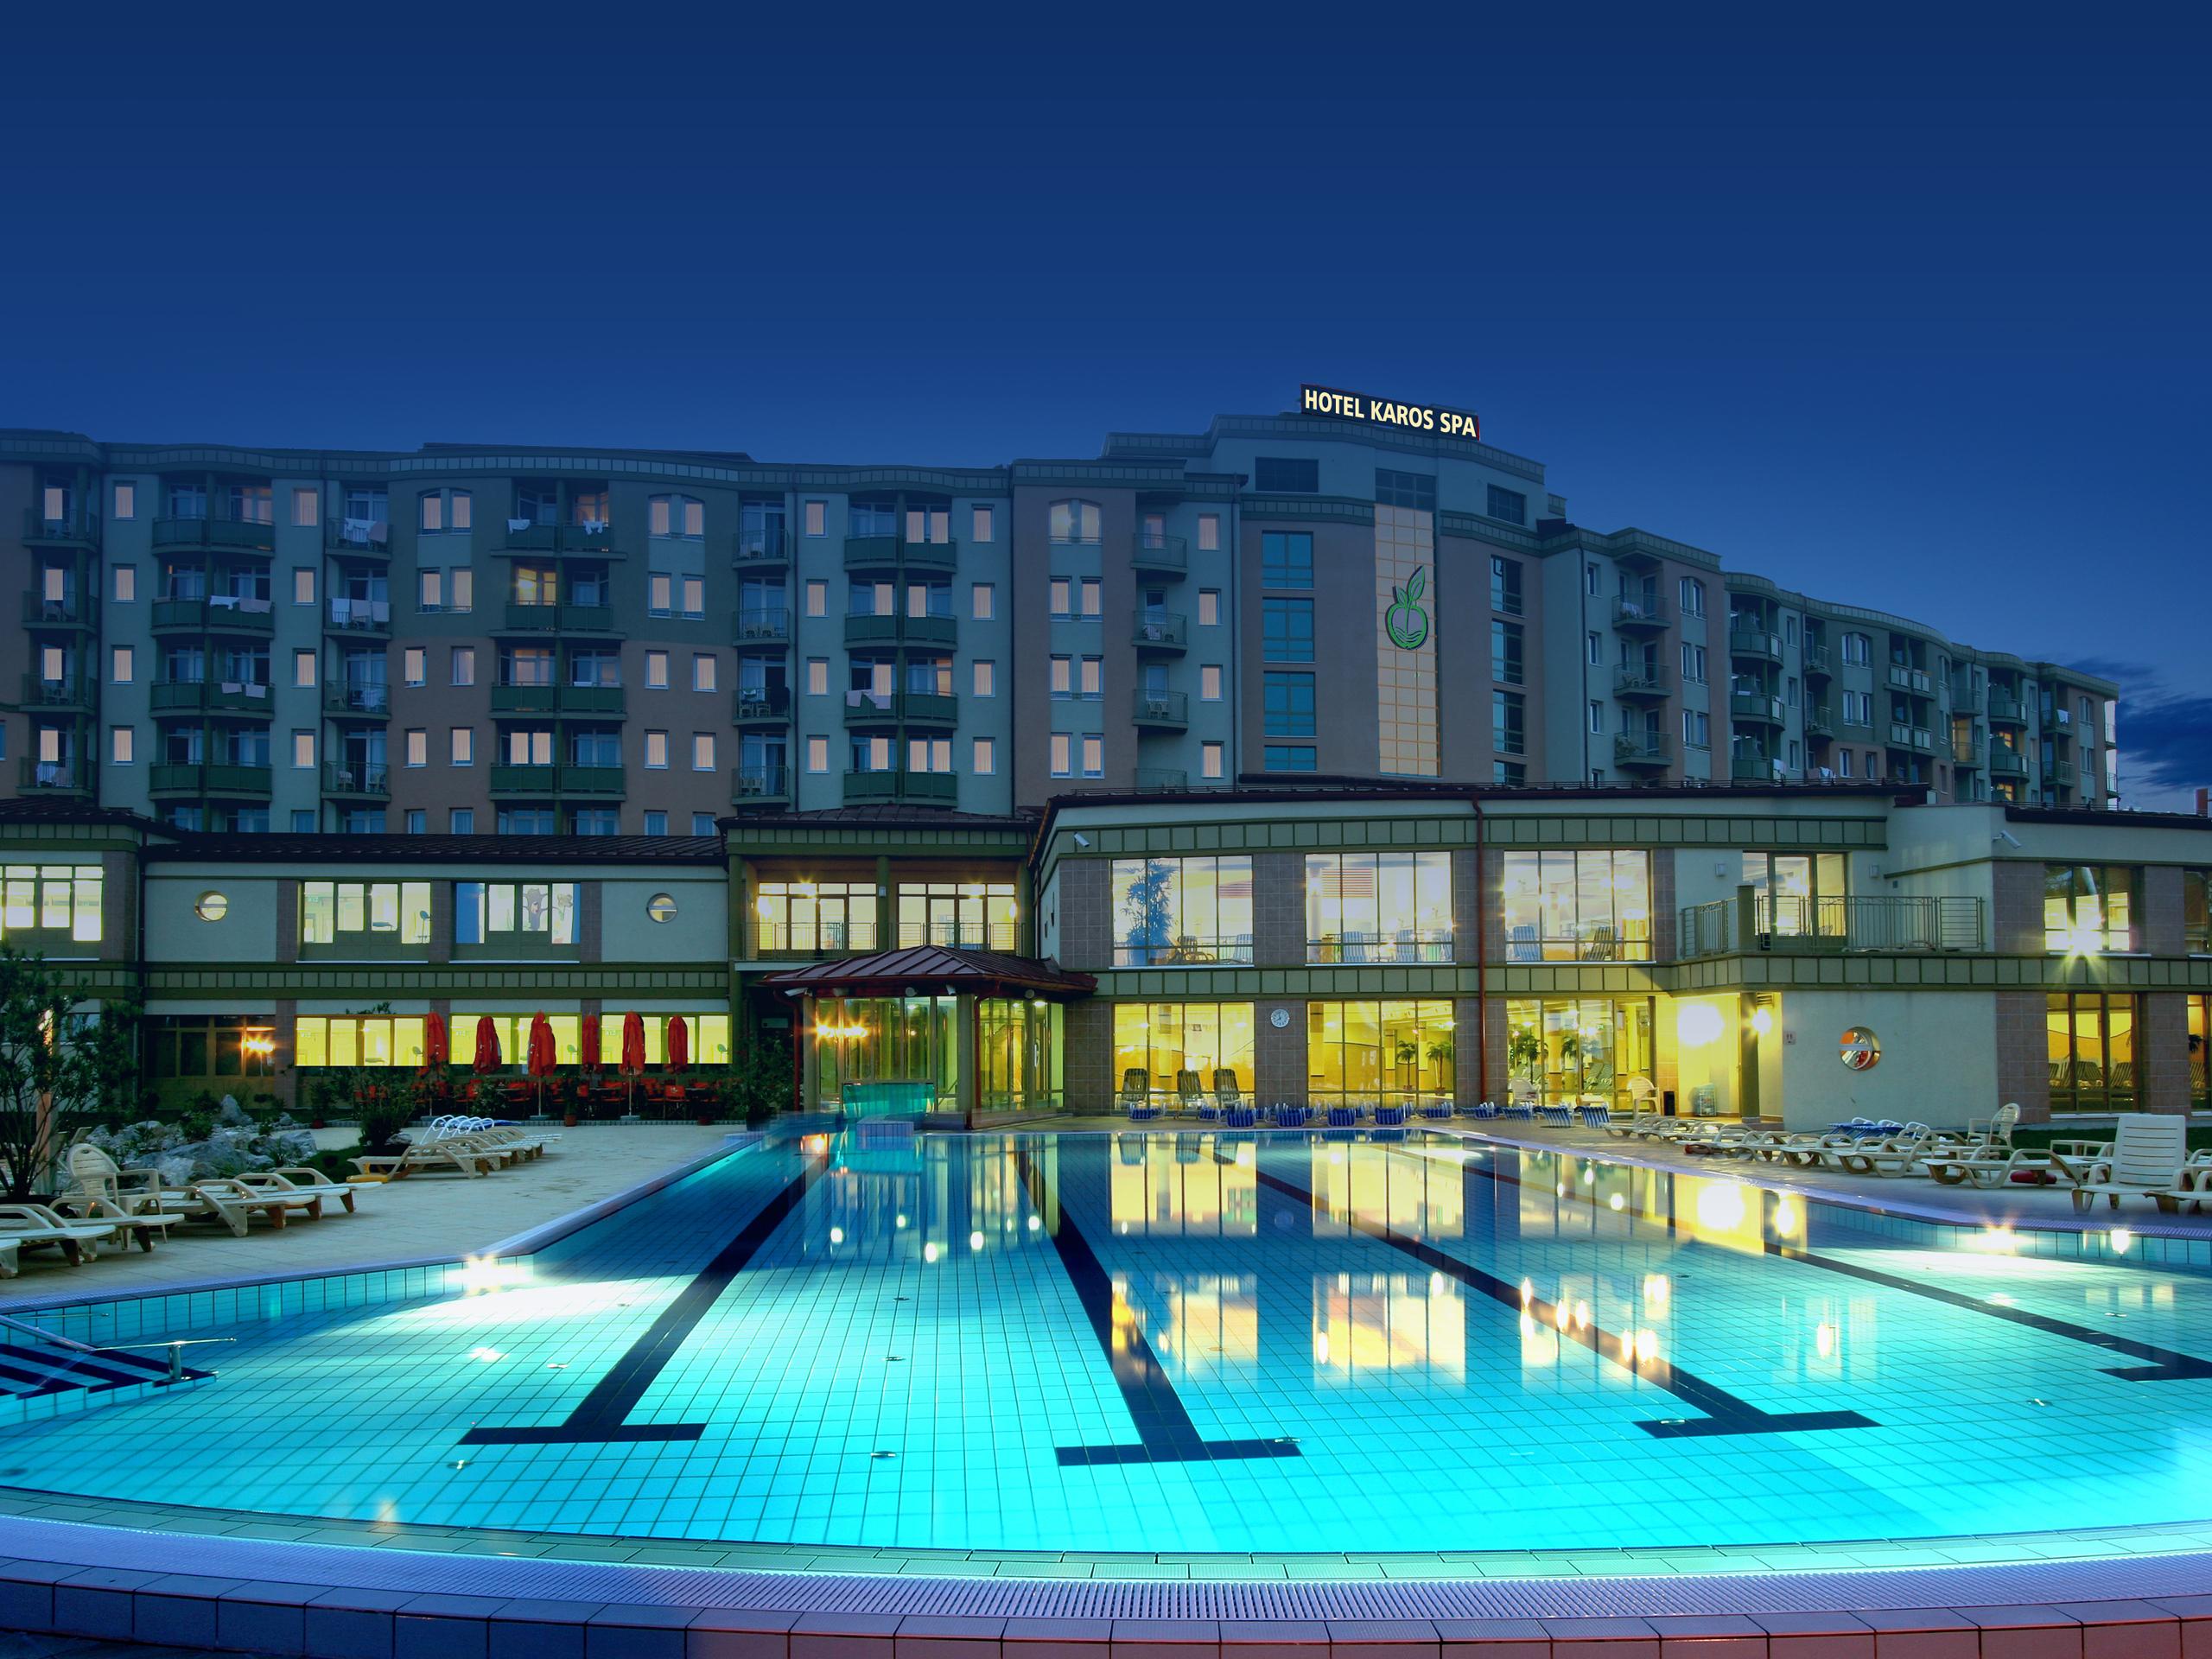 Отель Karos Spa Залакарош.